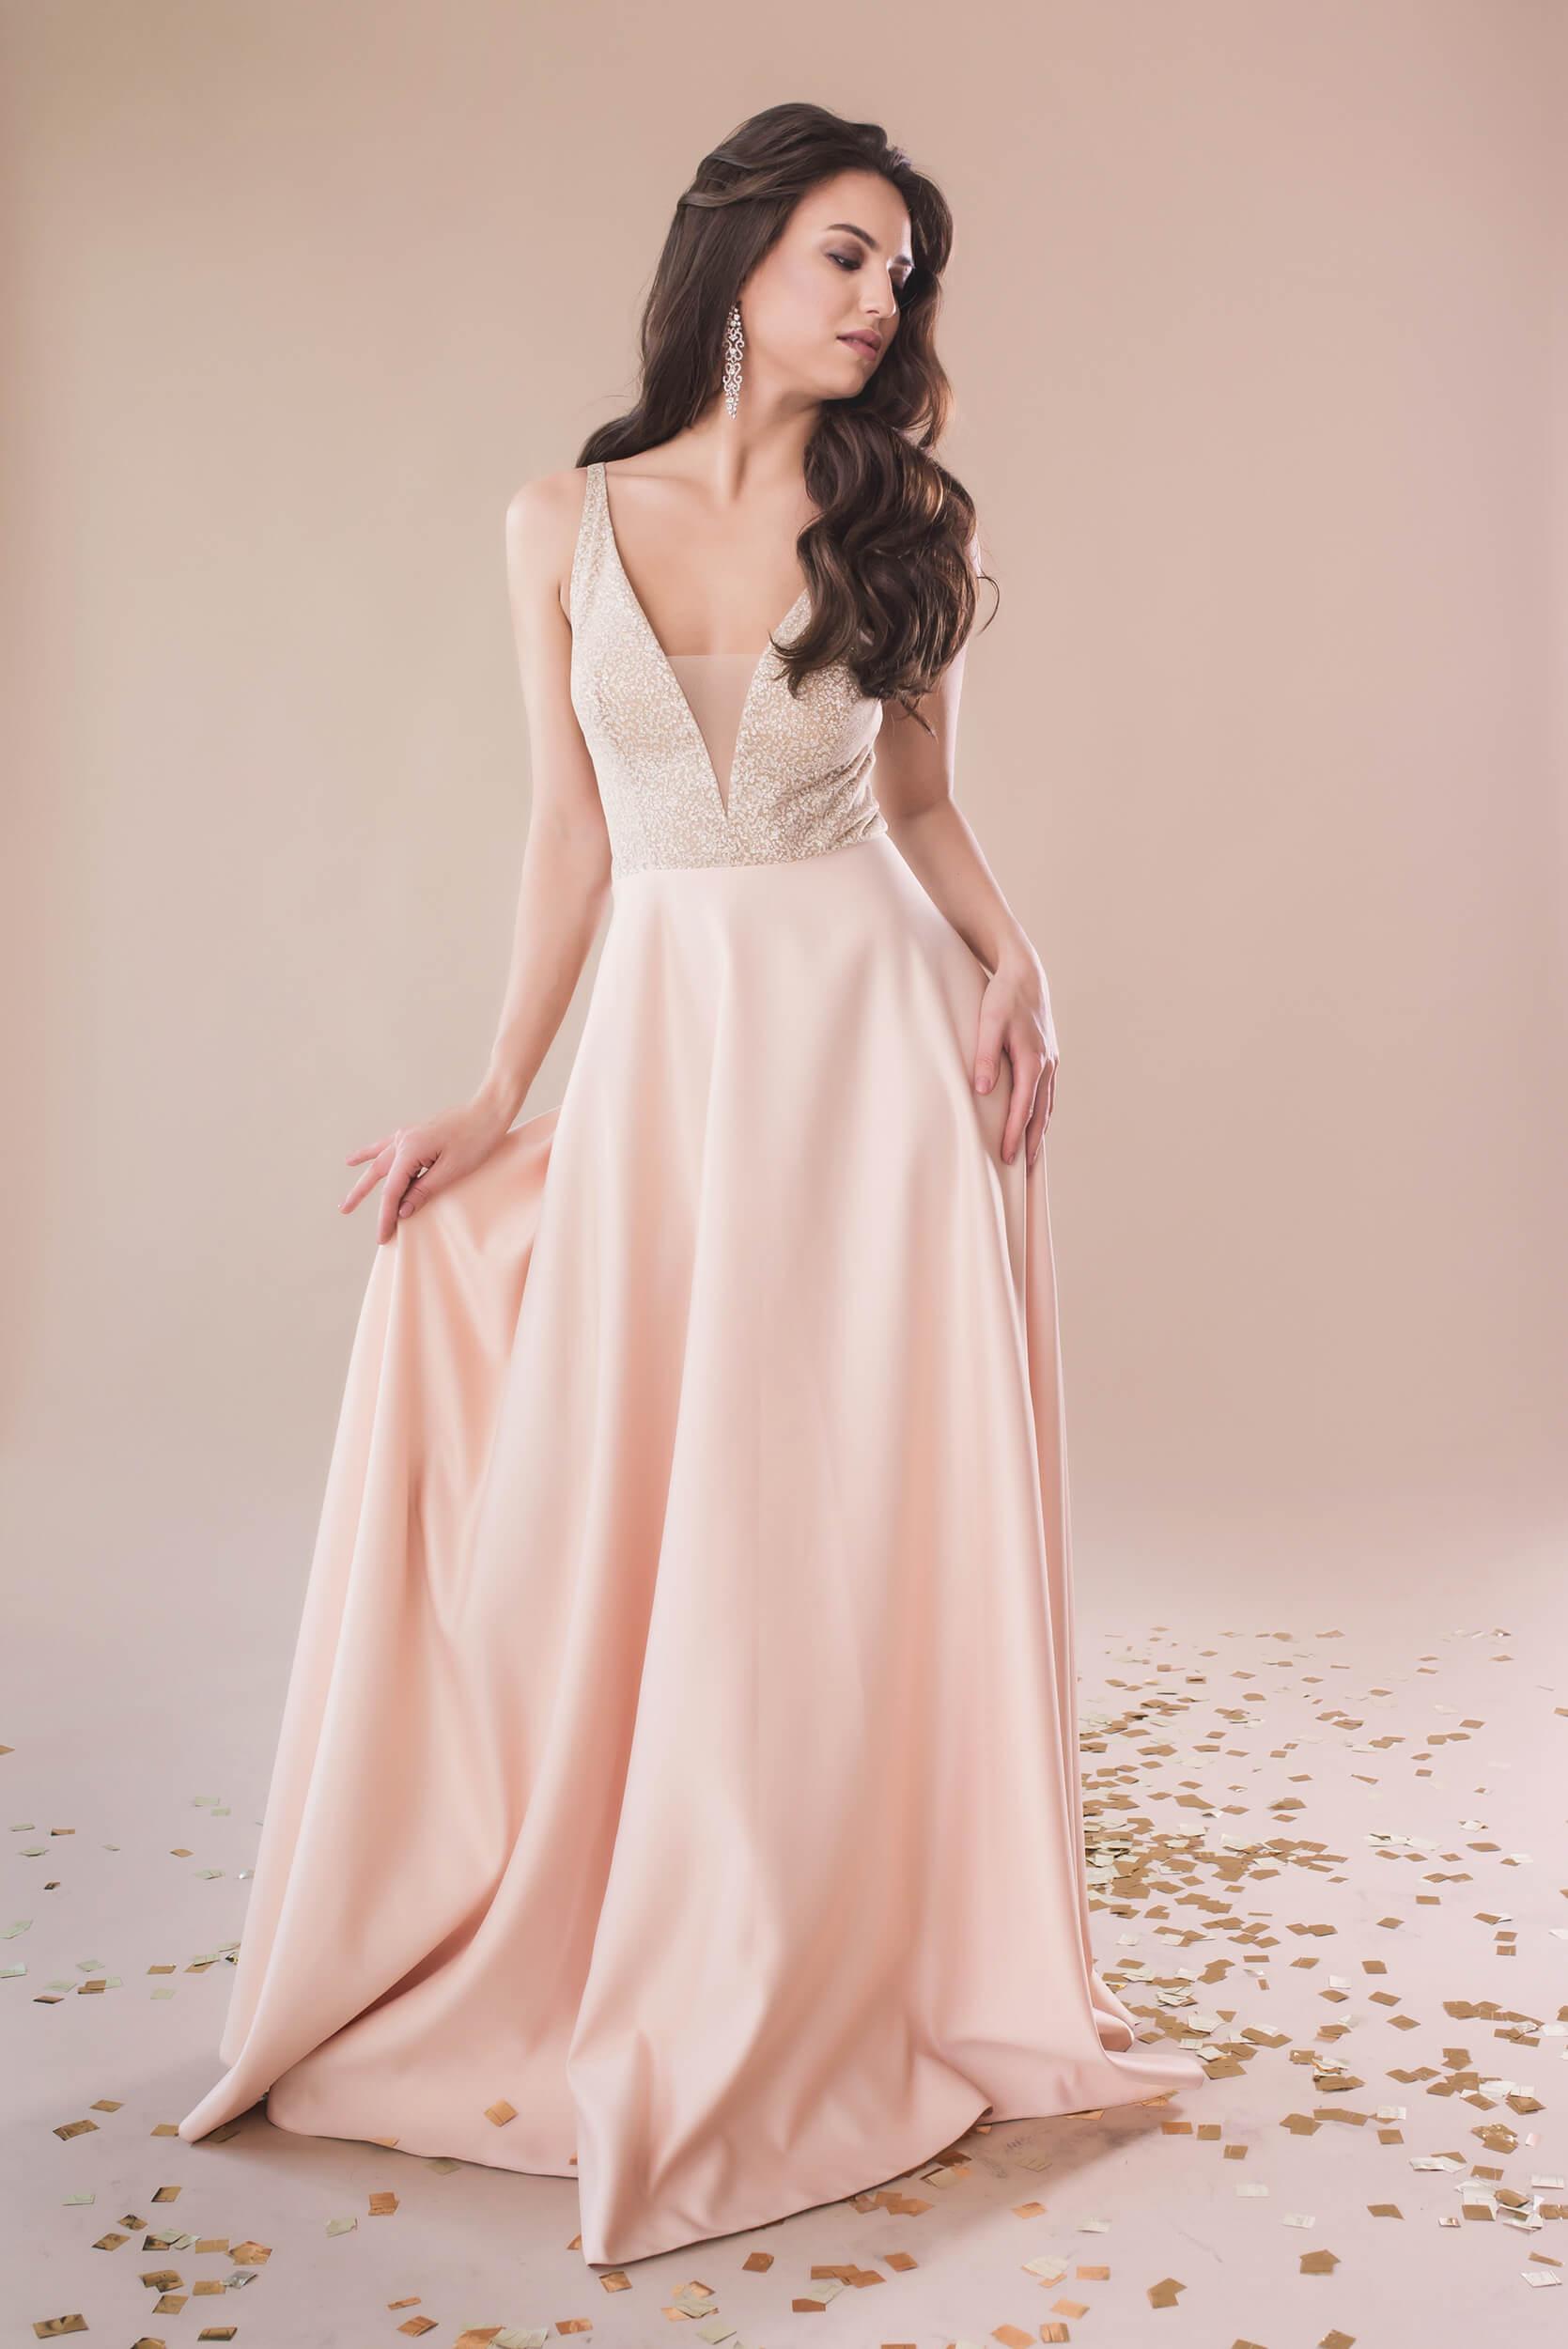 купить вечернее платье для девушки | Vero